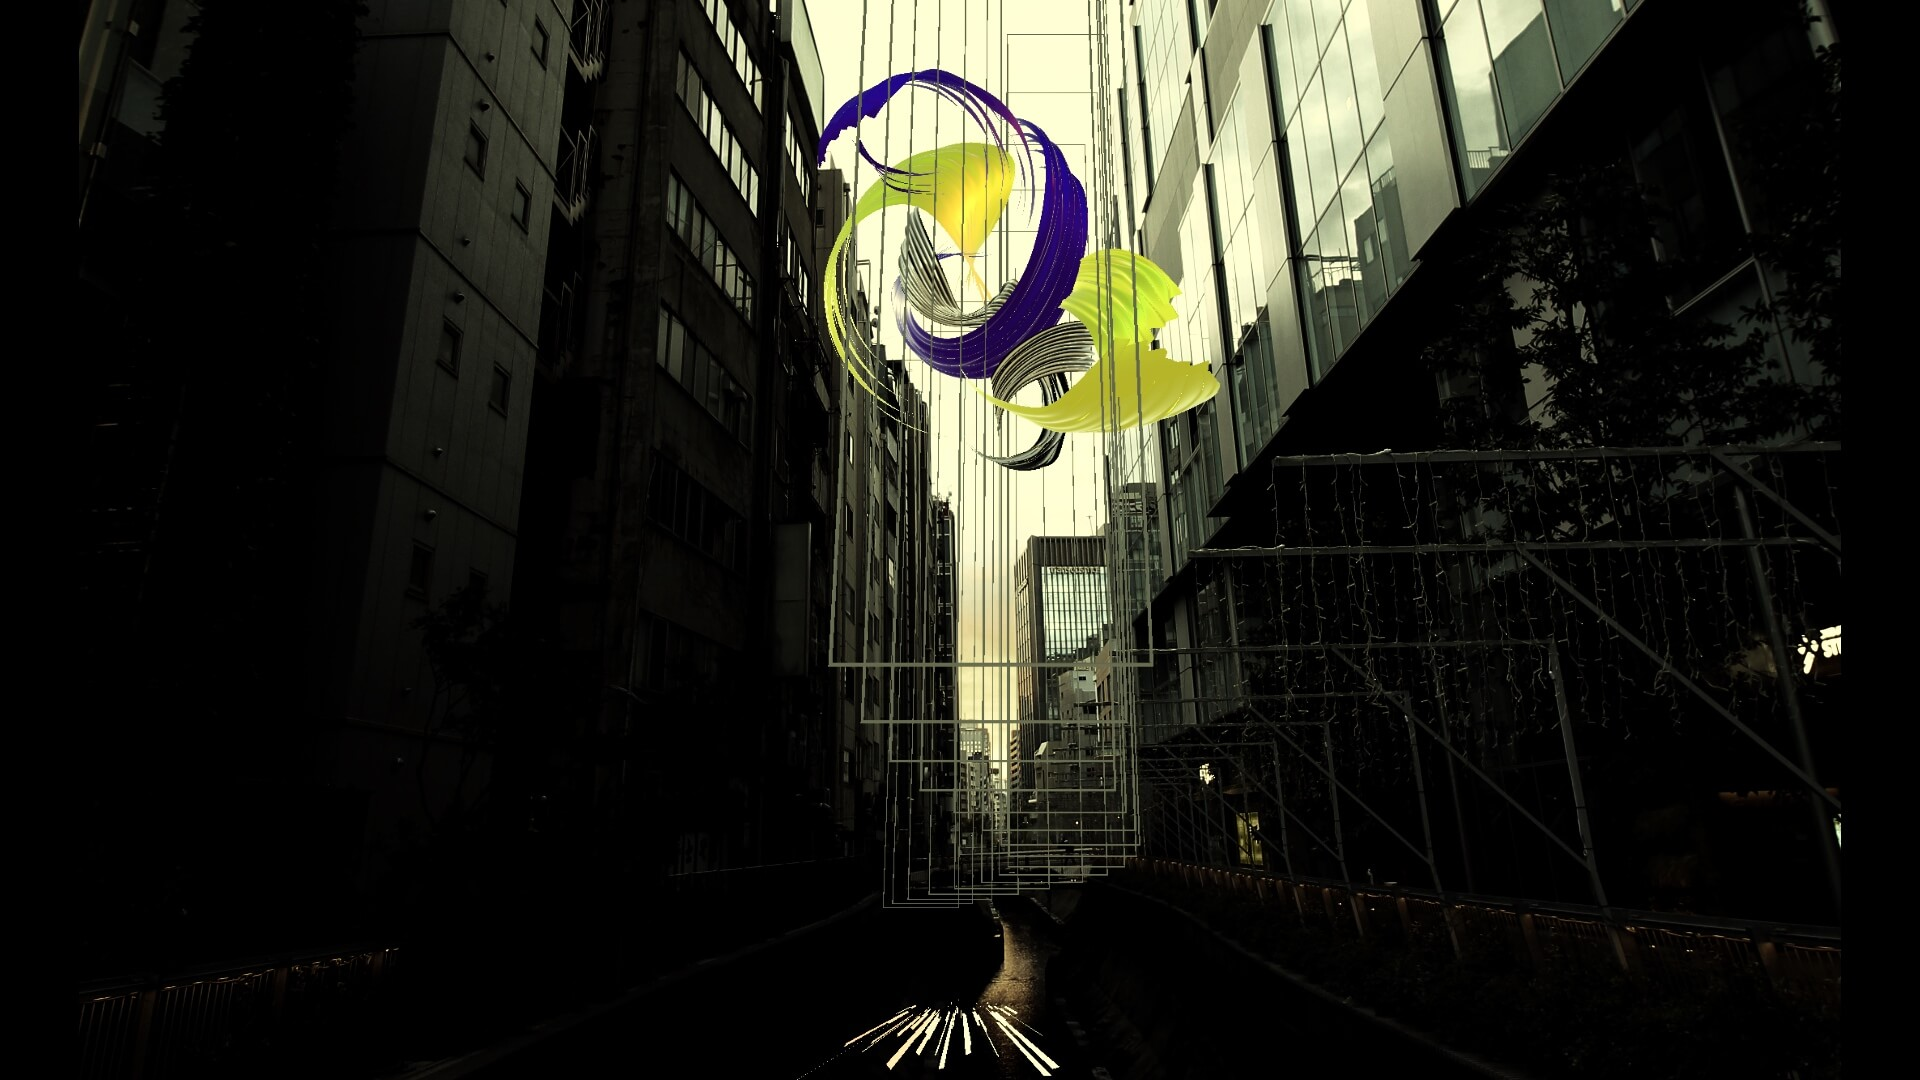 """デジタルアートが渋谷をジャック!<MUTEK.JP>×KDDIコラボXR ART展<INVISIBLE ART IN PUBLIC Vol.2"""" Synthetic Landscapes"""">体験レポート art191211_kddi_mutek_6"""